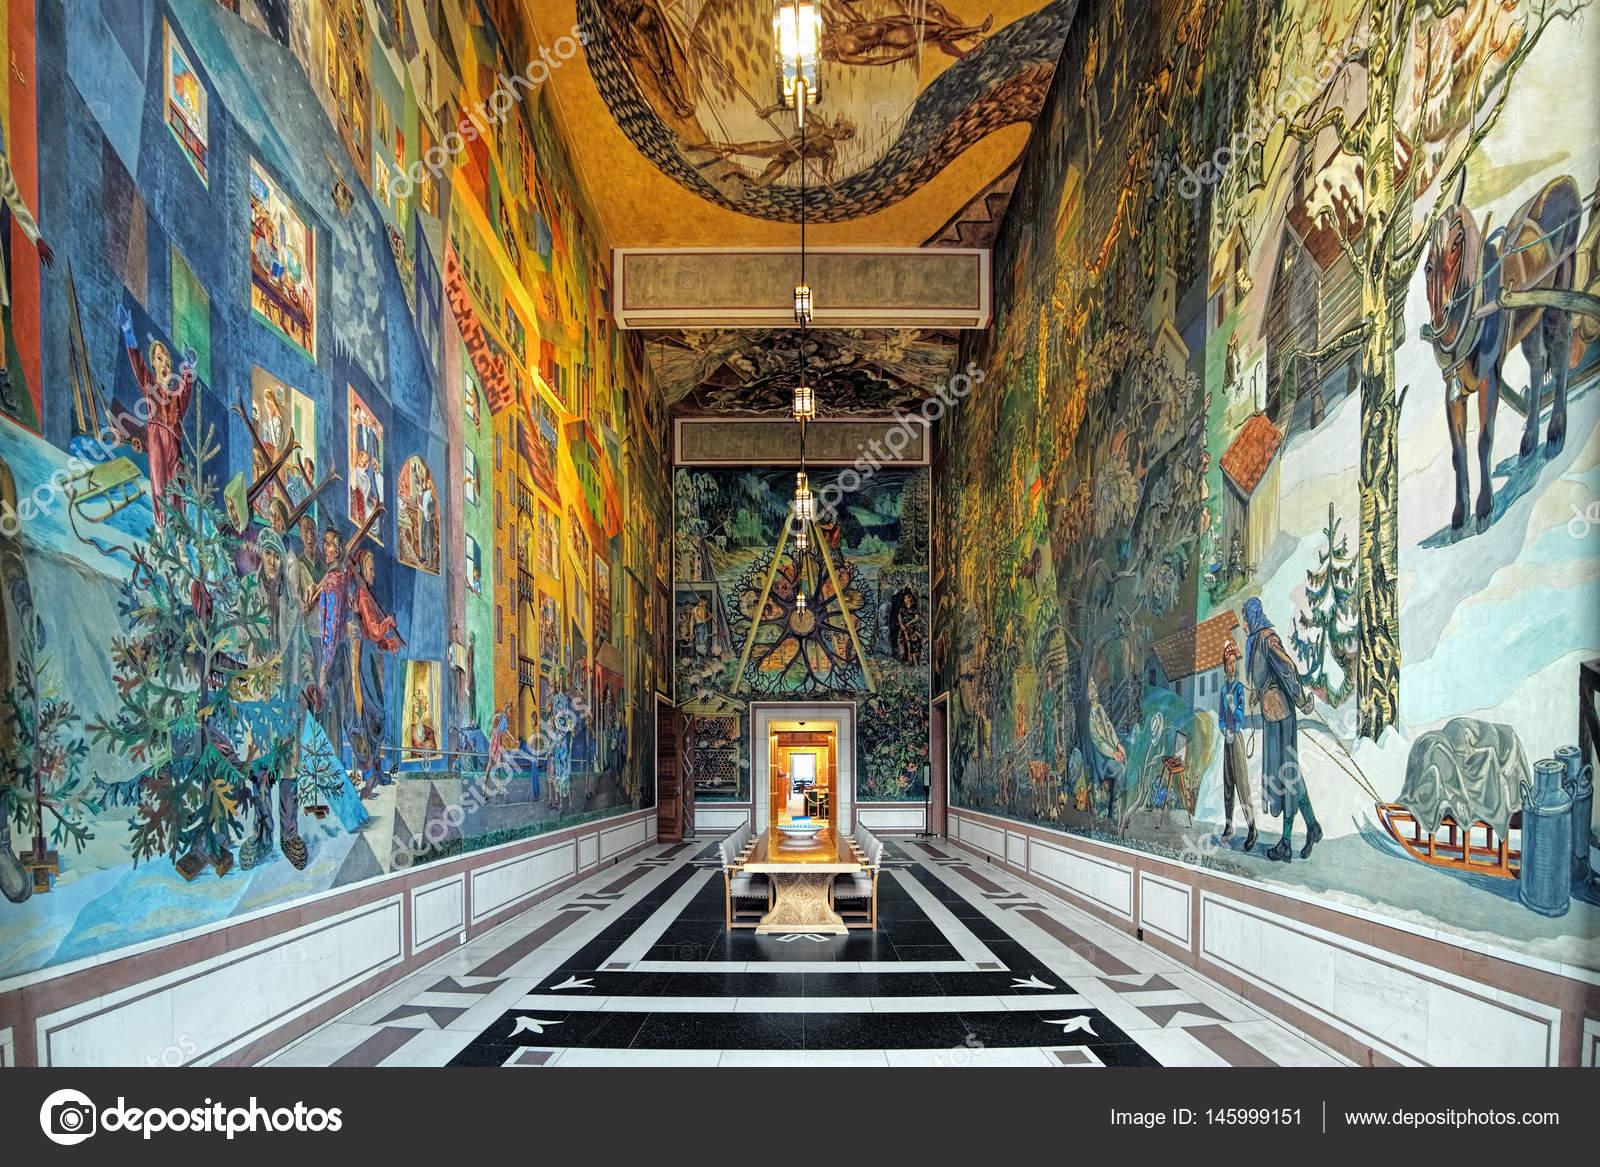 Interieur van East Gallery (Krohg kamer) in Oslo City Hall ...